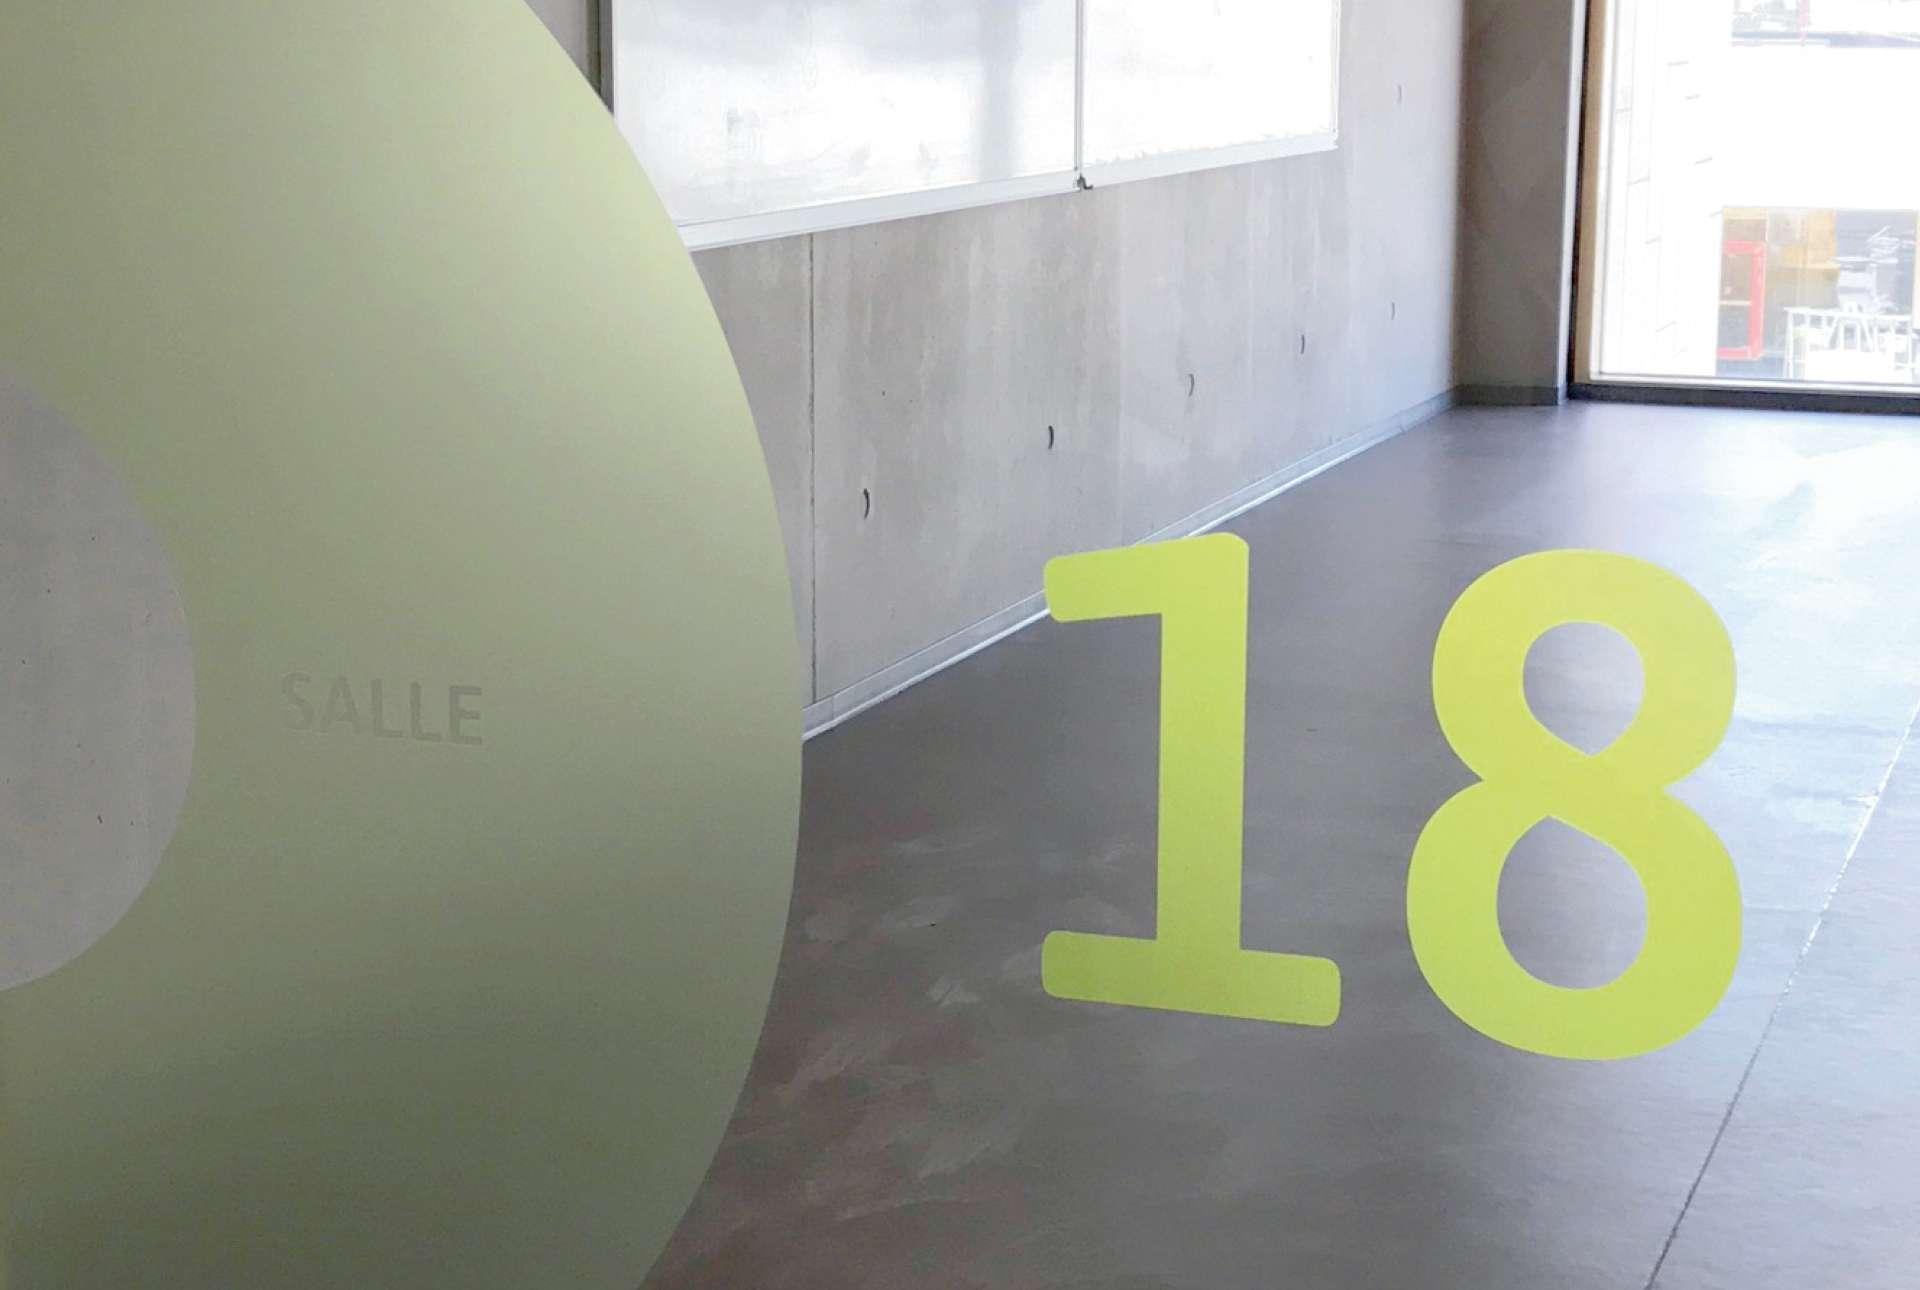 Signalétique intérieure de Vauban, une réalisation de l'agence Comed